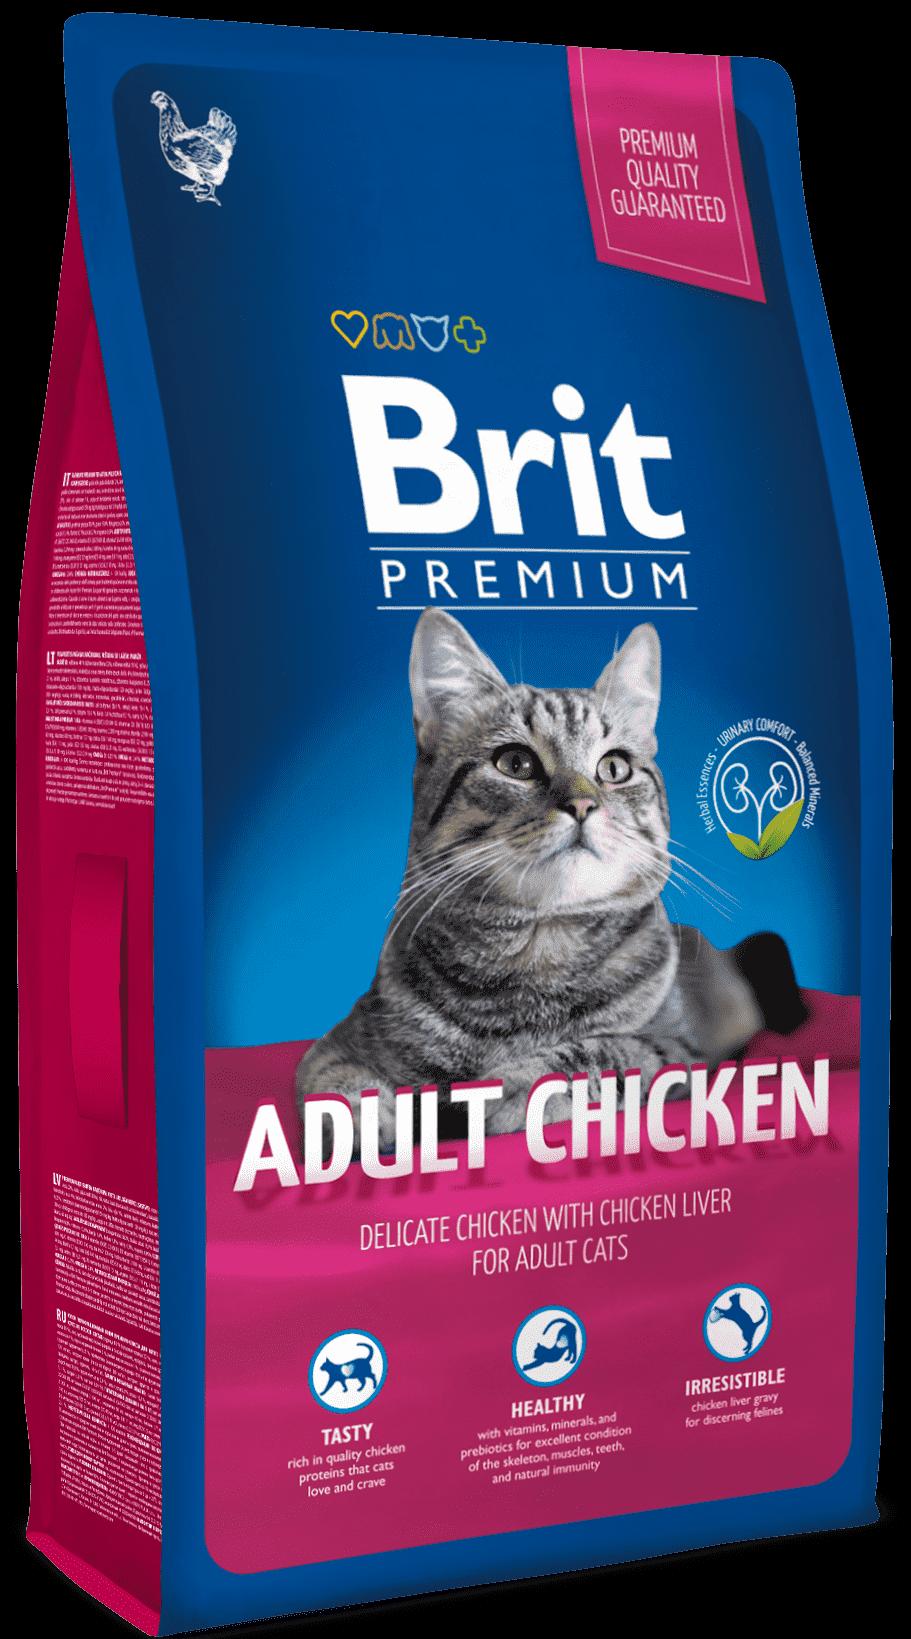 Brit Корм для взрослых кошек, Brit Premium Cat Adult Chicken, с мясом курицы и куриной печенью адлт_кур.png